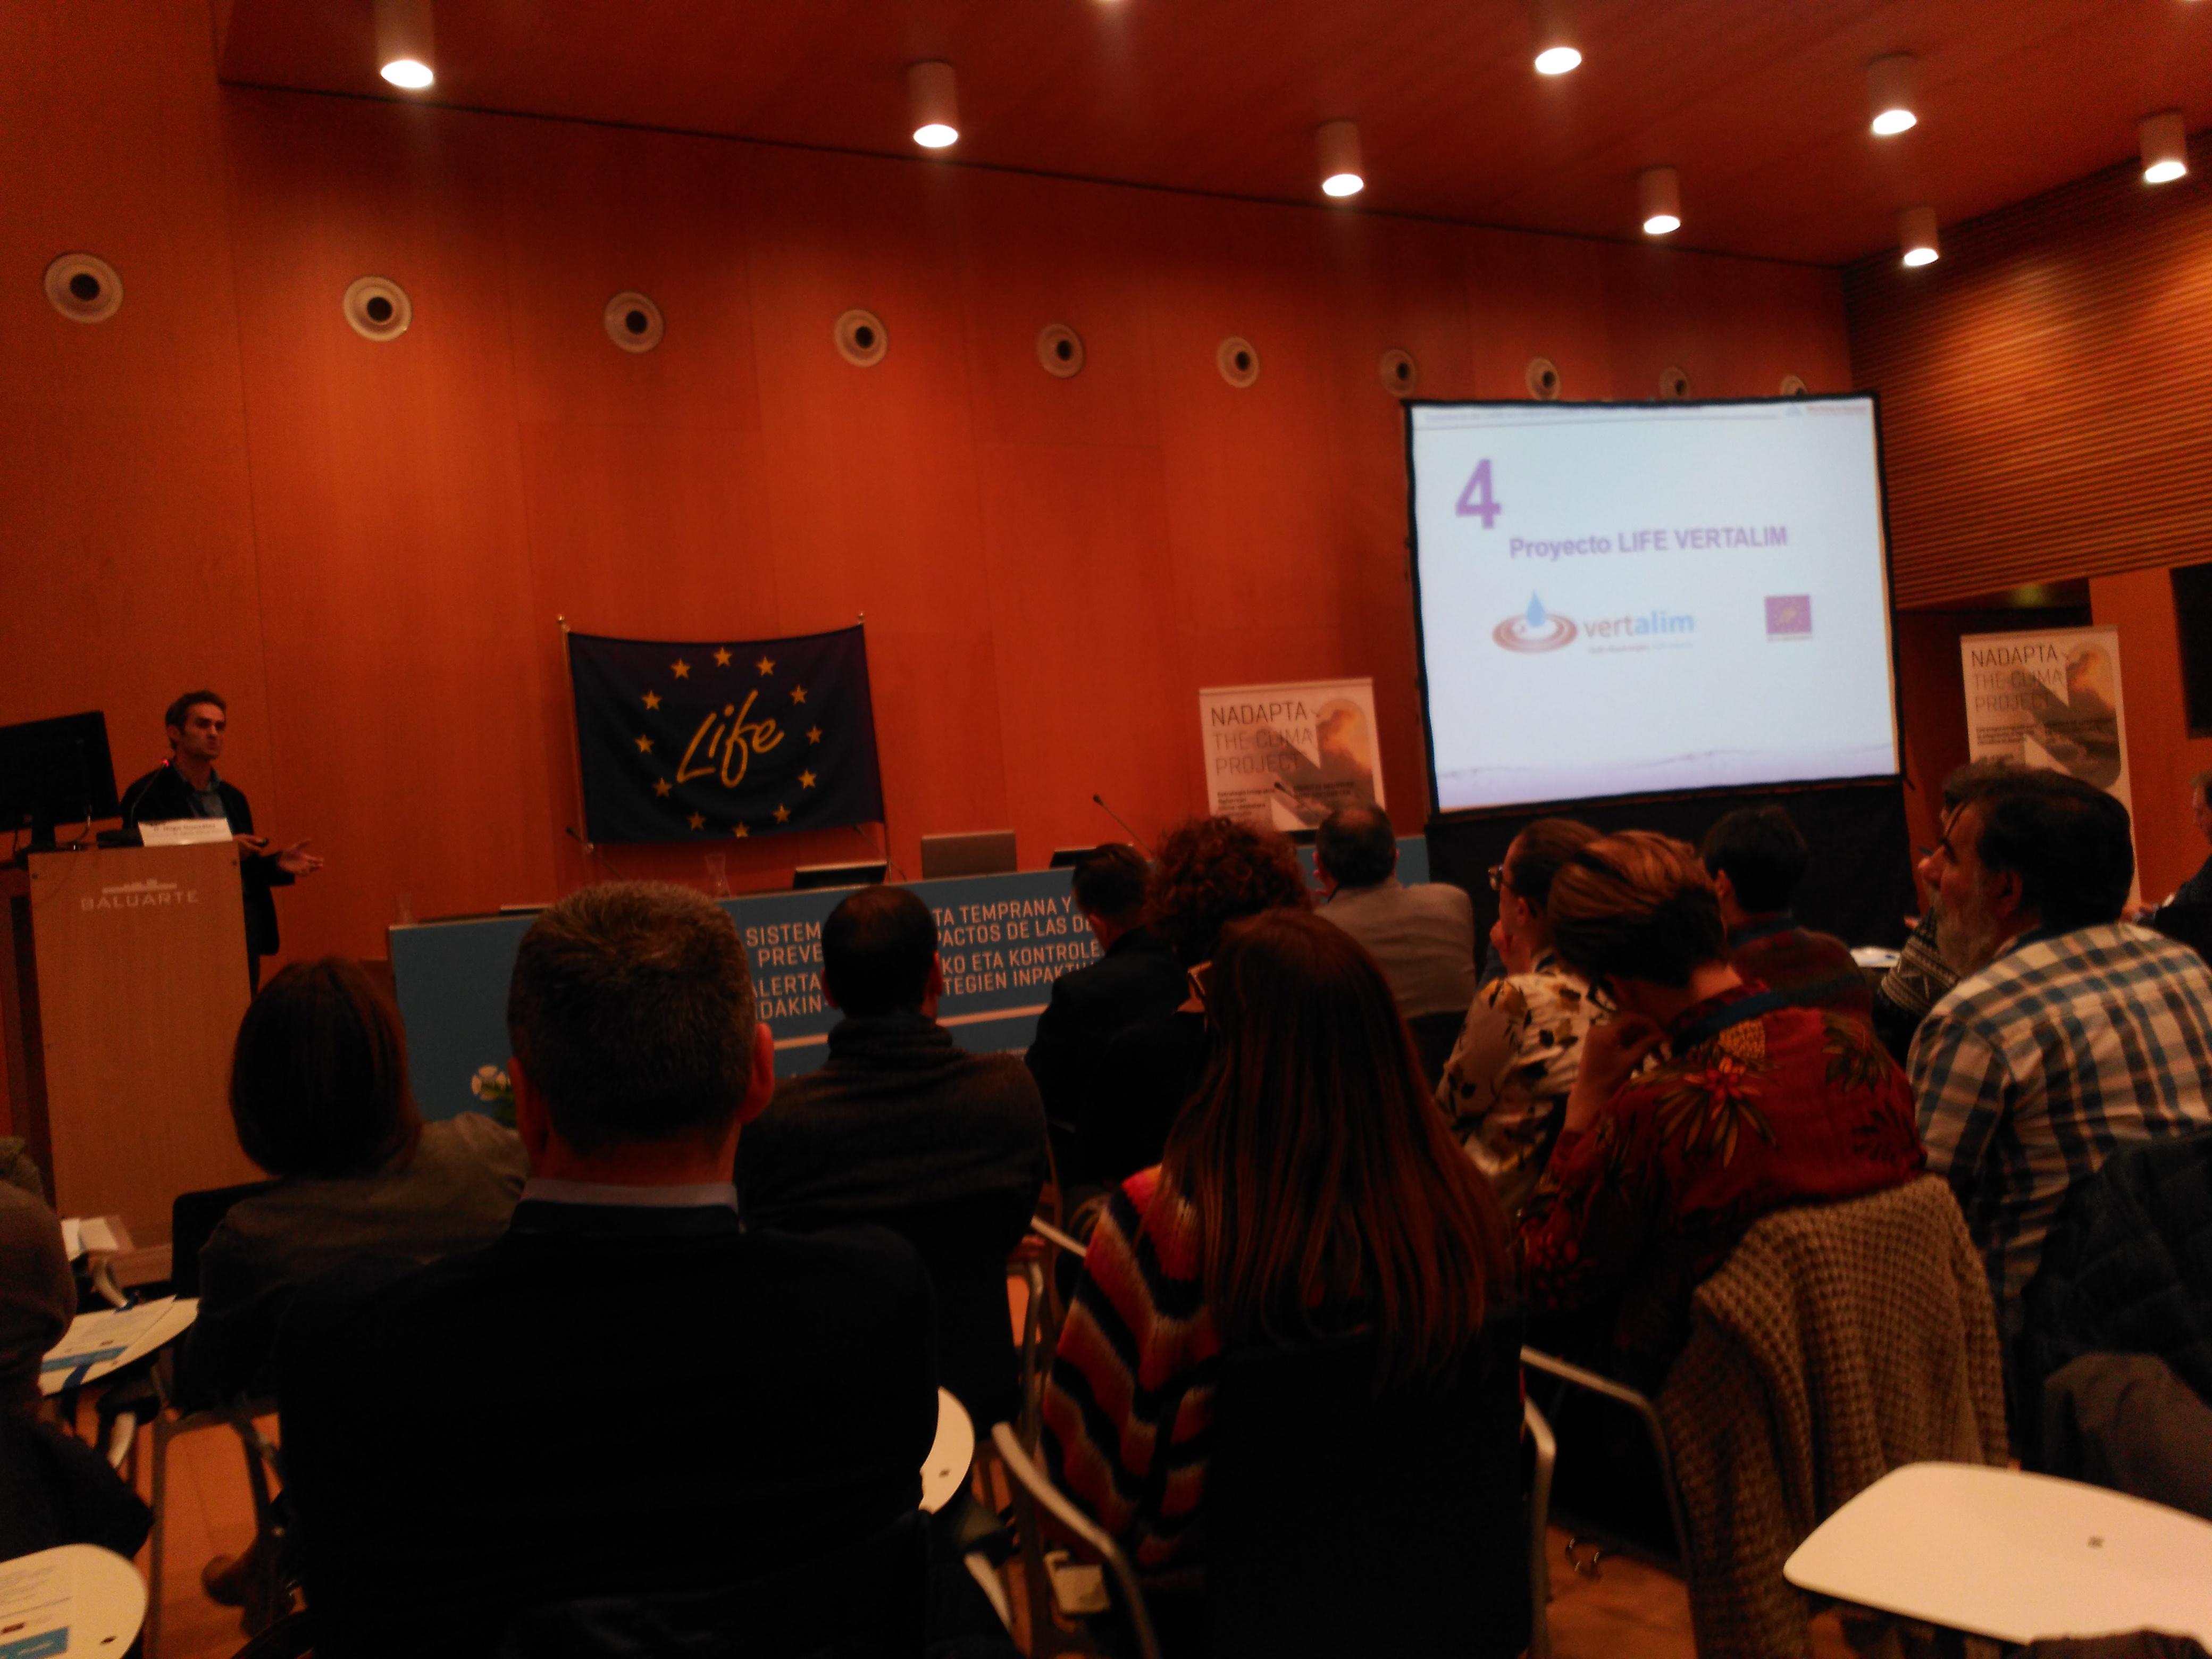 Iñigo Gonzalez en su presentación del proyecto LIFE VERTALIM